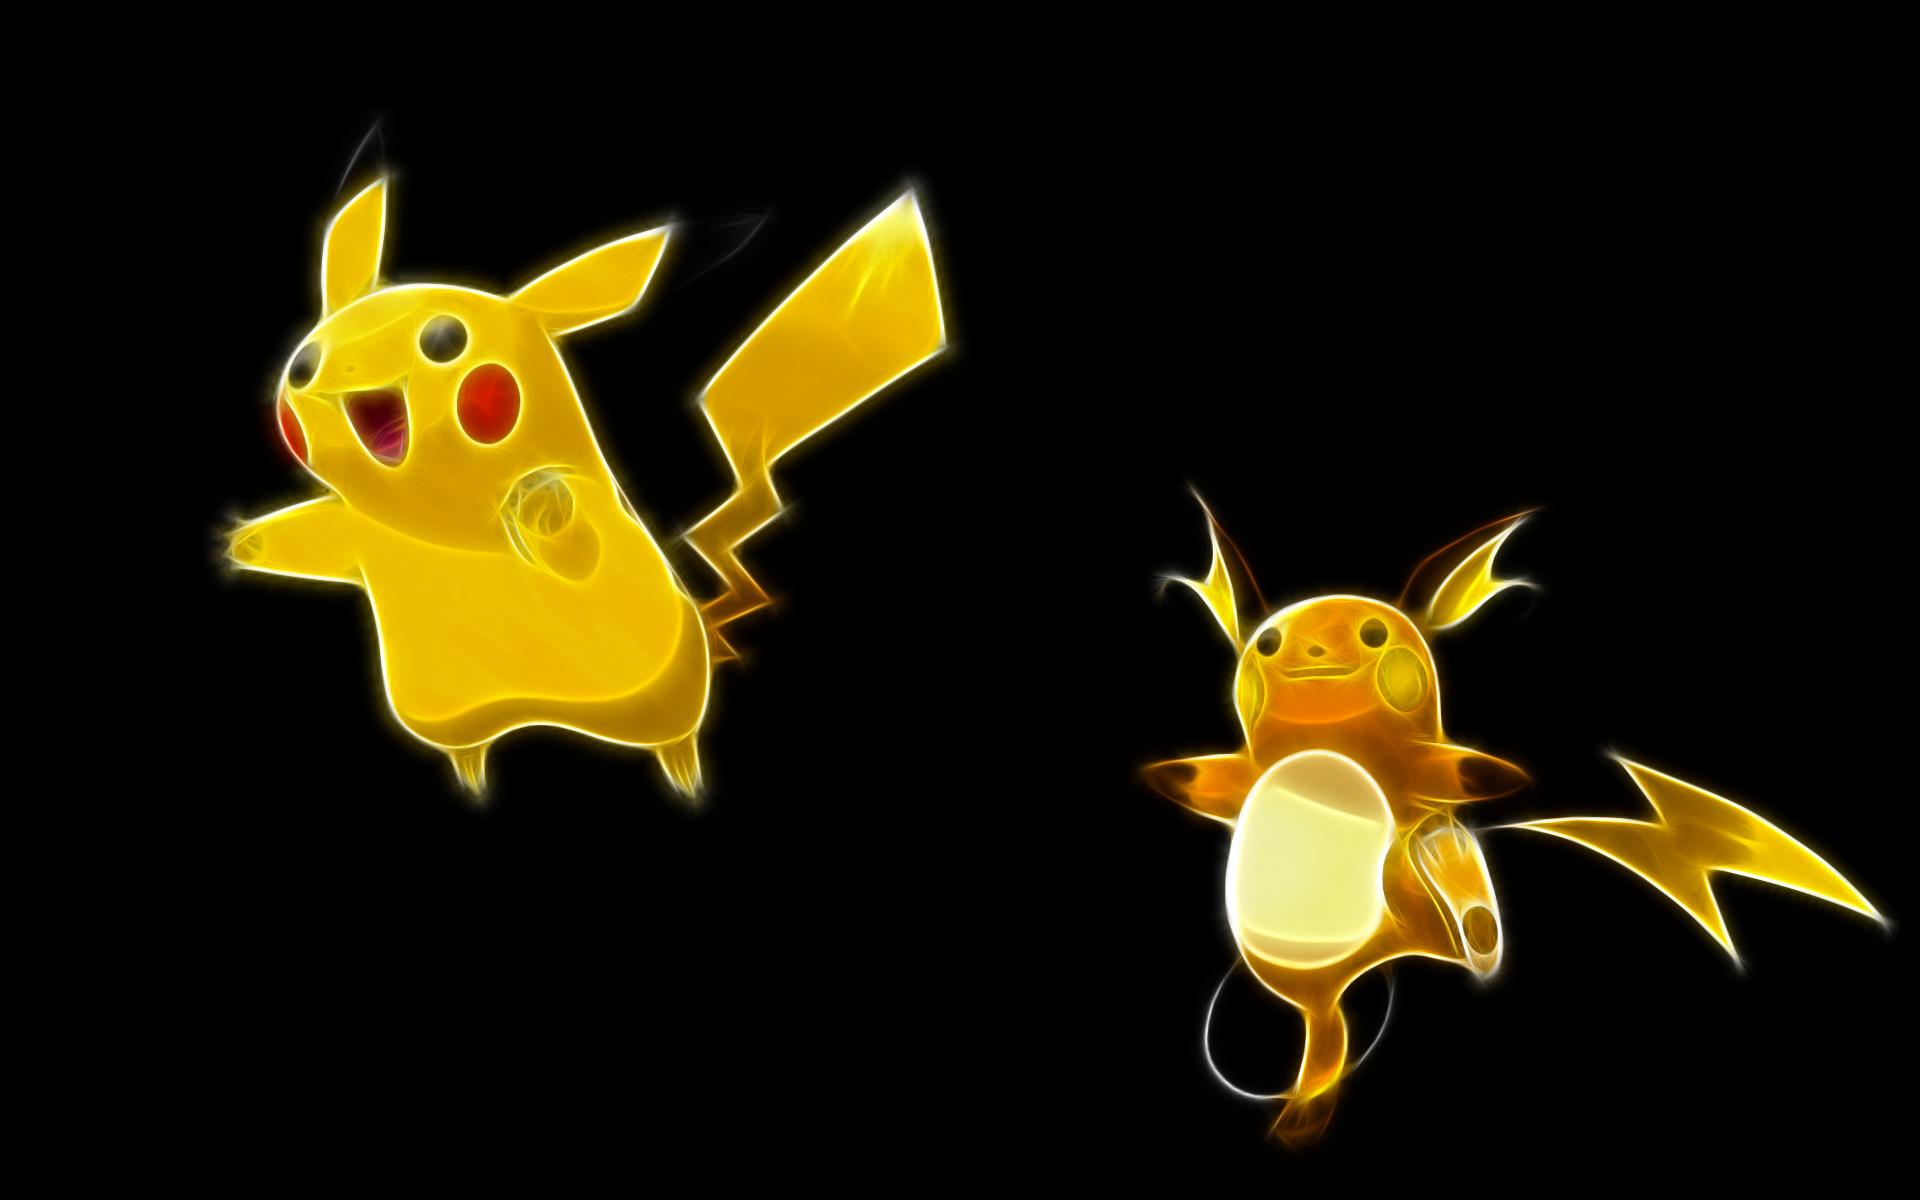 Pokemon Pikachu 331612